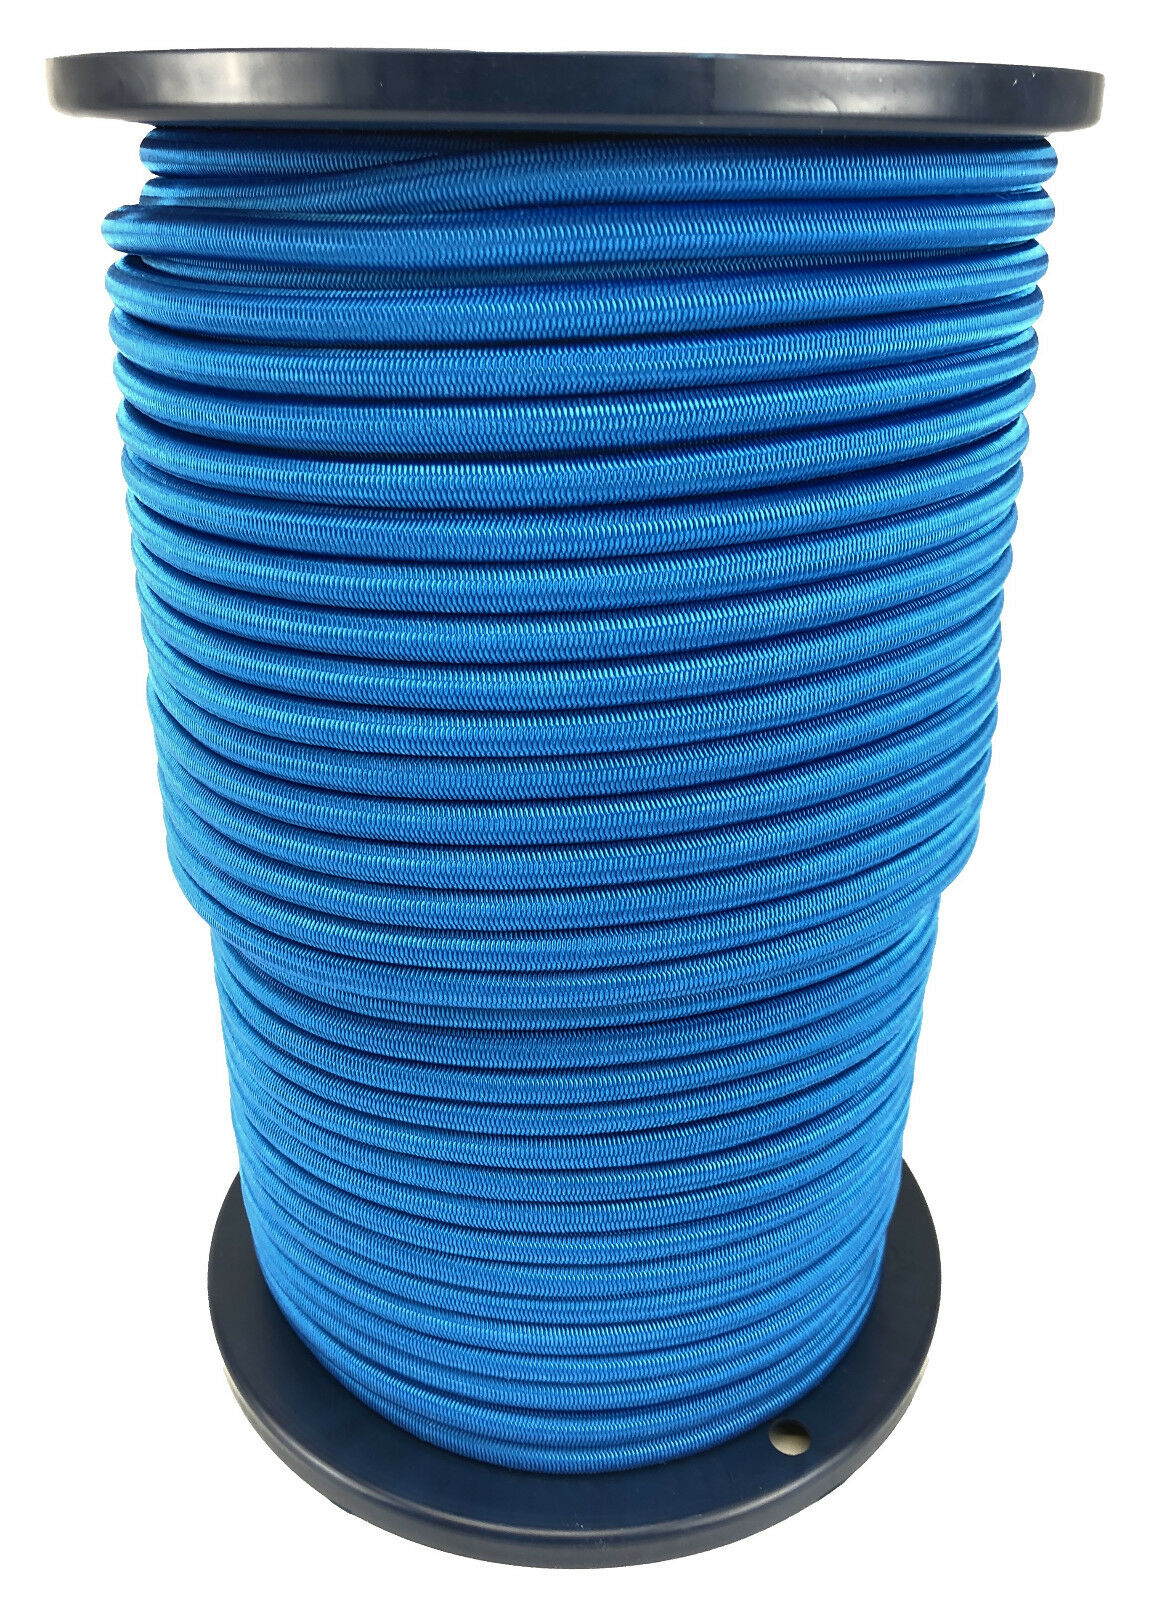 12mm Blu Elettrico Bungee Elastico Corda x 30 Metri, Cordicella Resistente